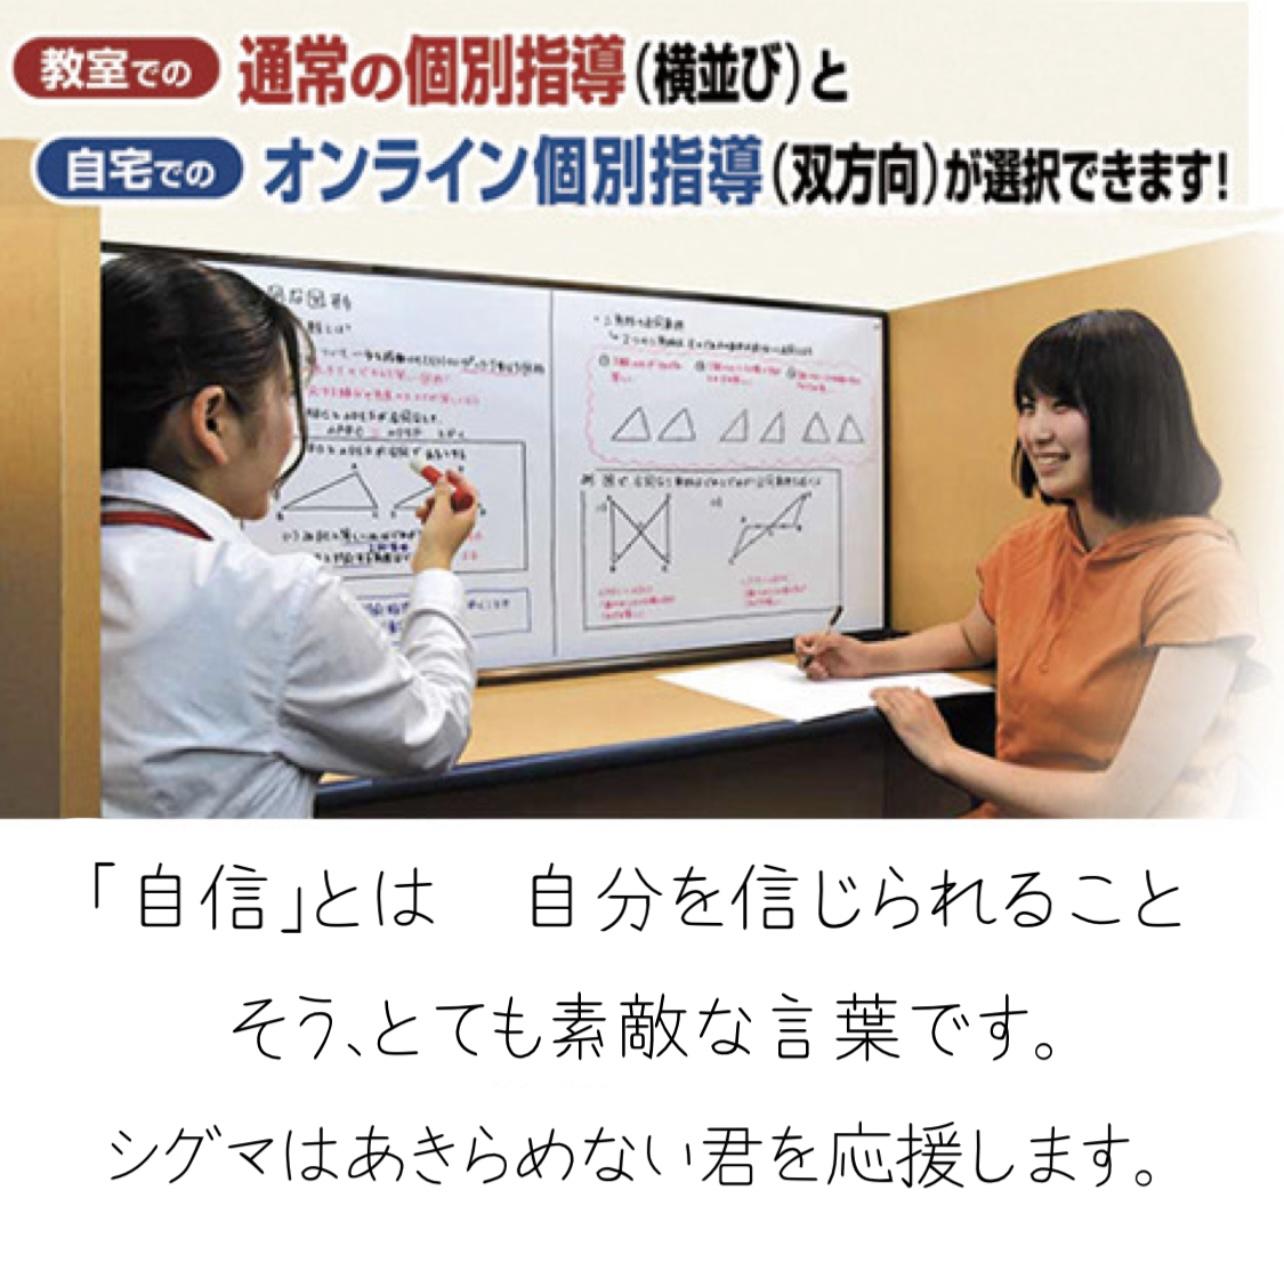 シグマ 進学 教室